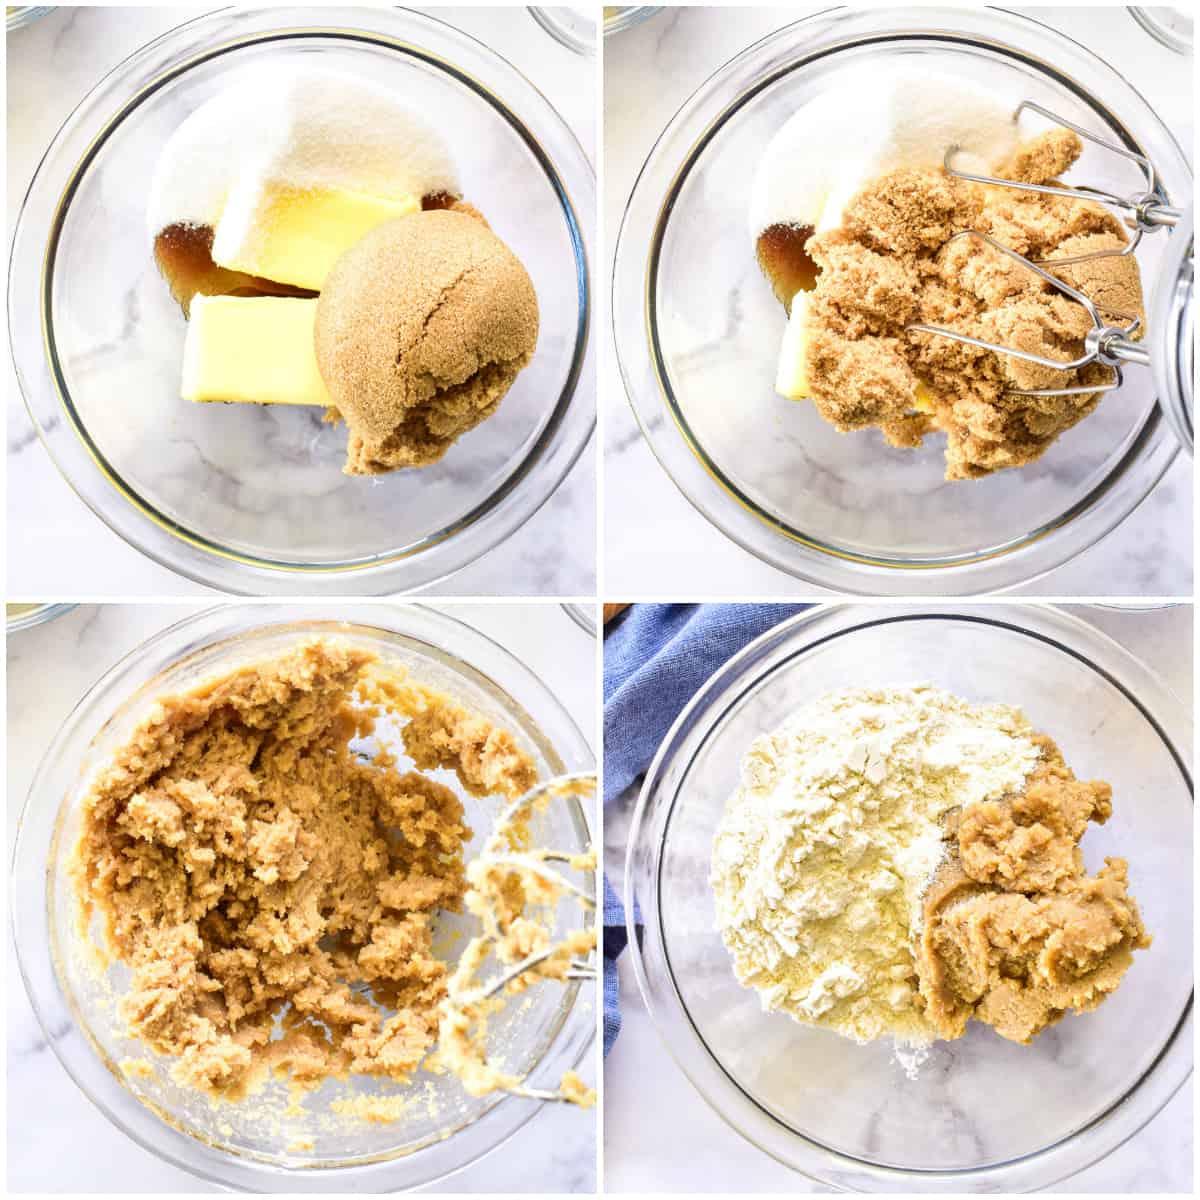 Cookie Dough process shots